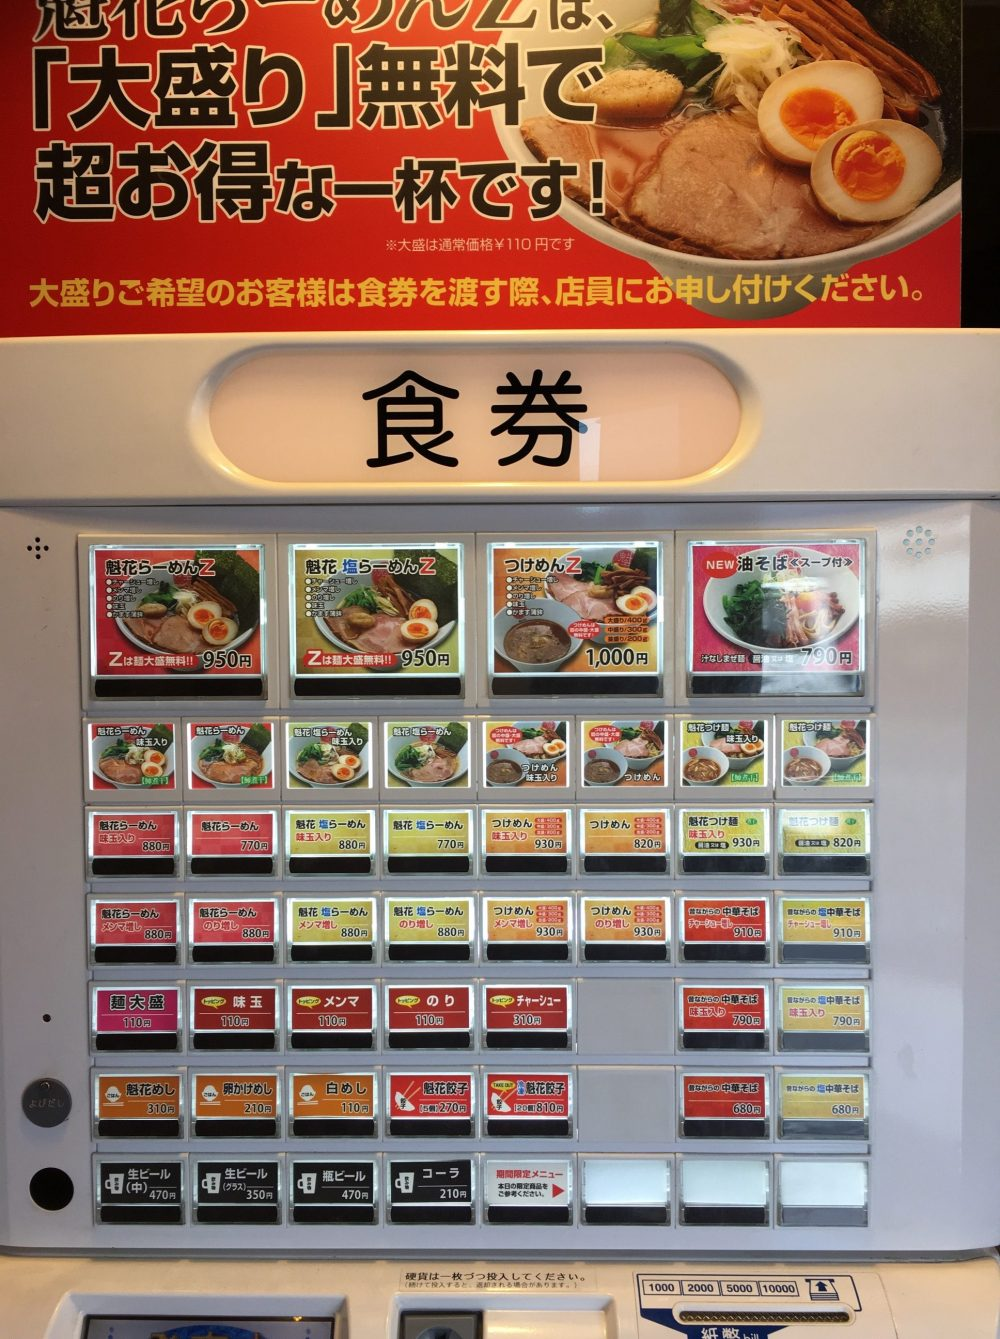 【新座市】天然魳煮干だしらーめん『魁花 kaika』にいってきた!